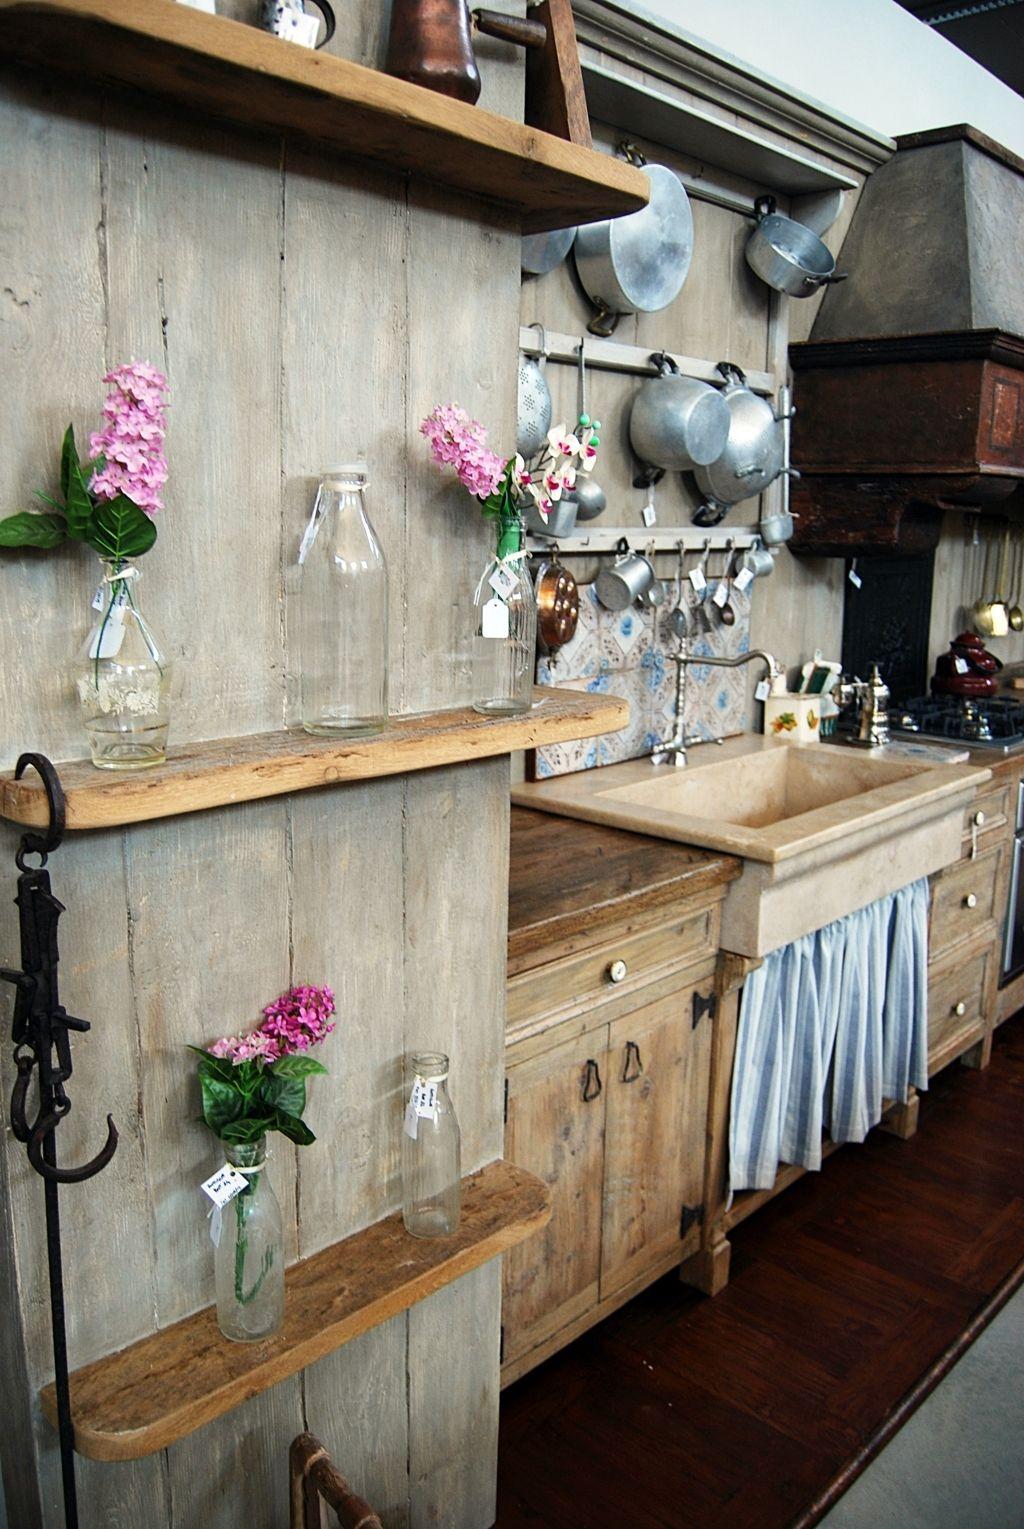 Come Decorare Una Cucina Rustica cucina rustica toscana aurora | design rustico da cucina